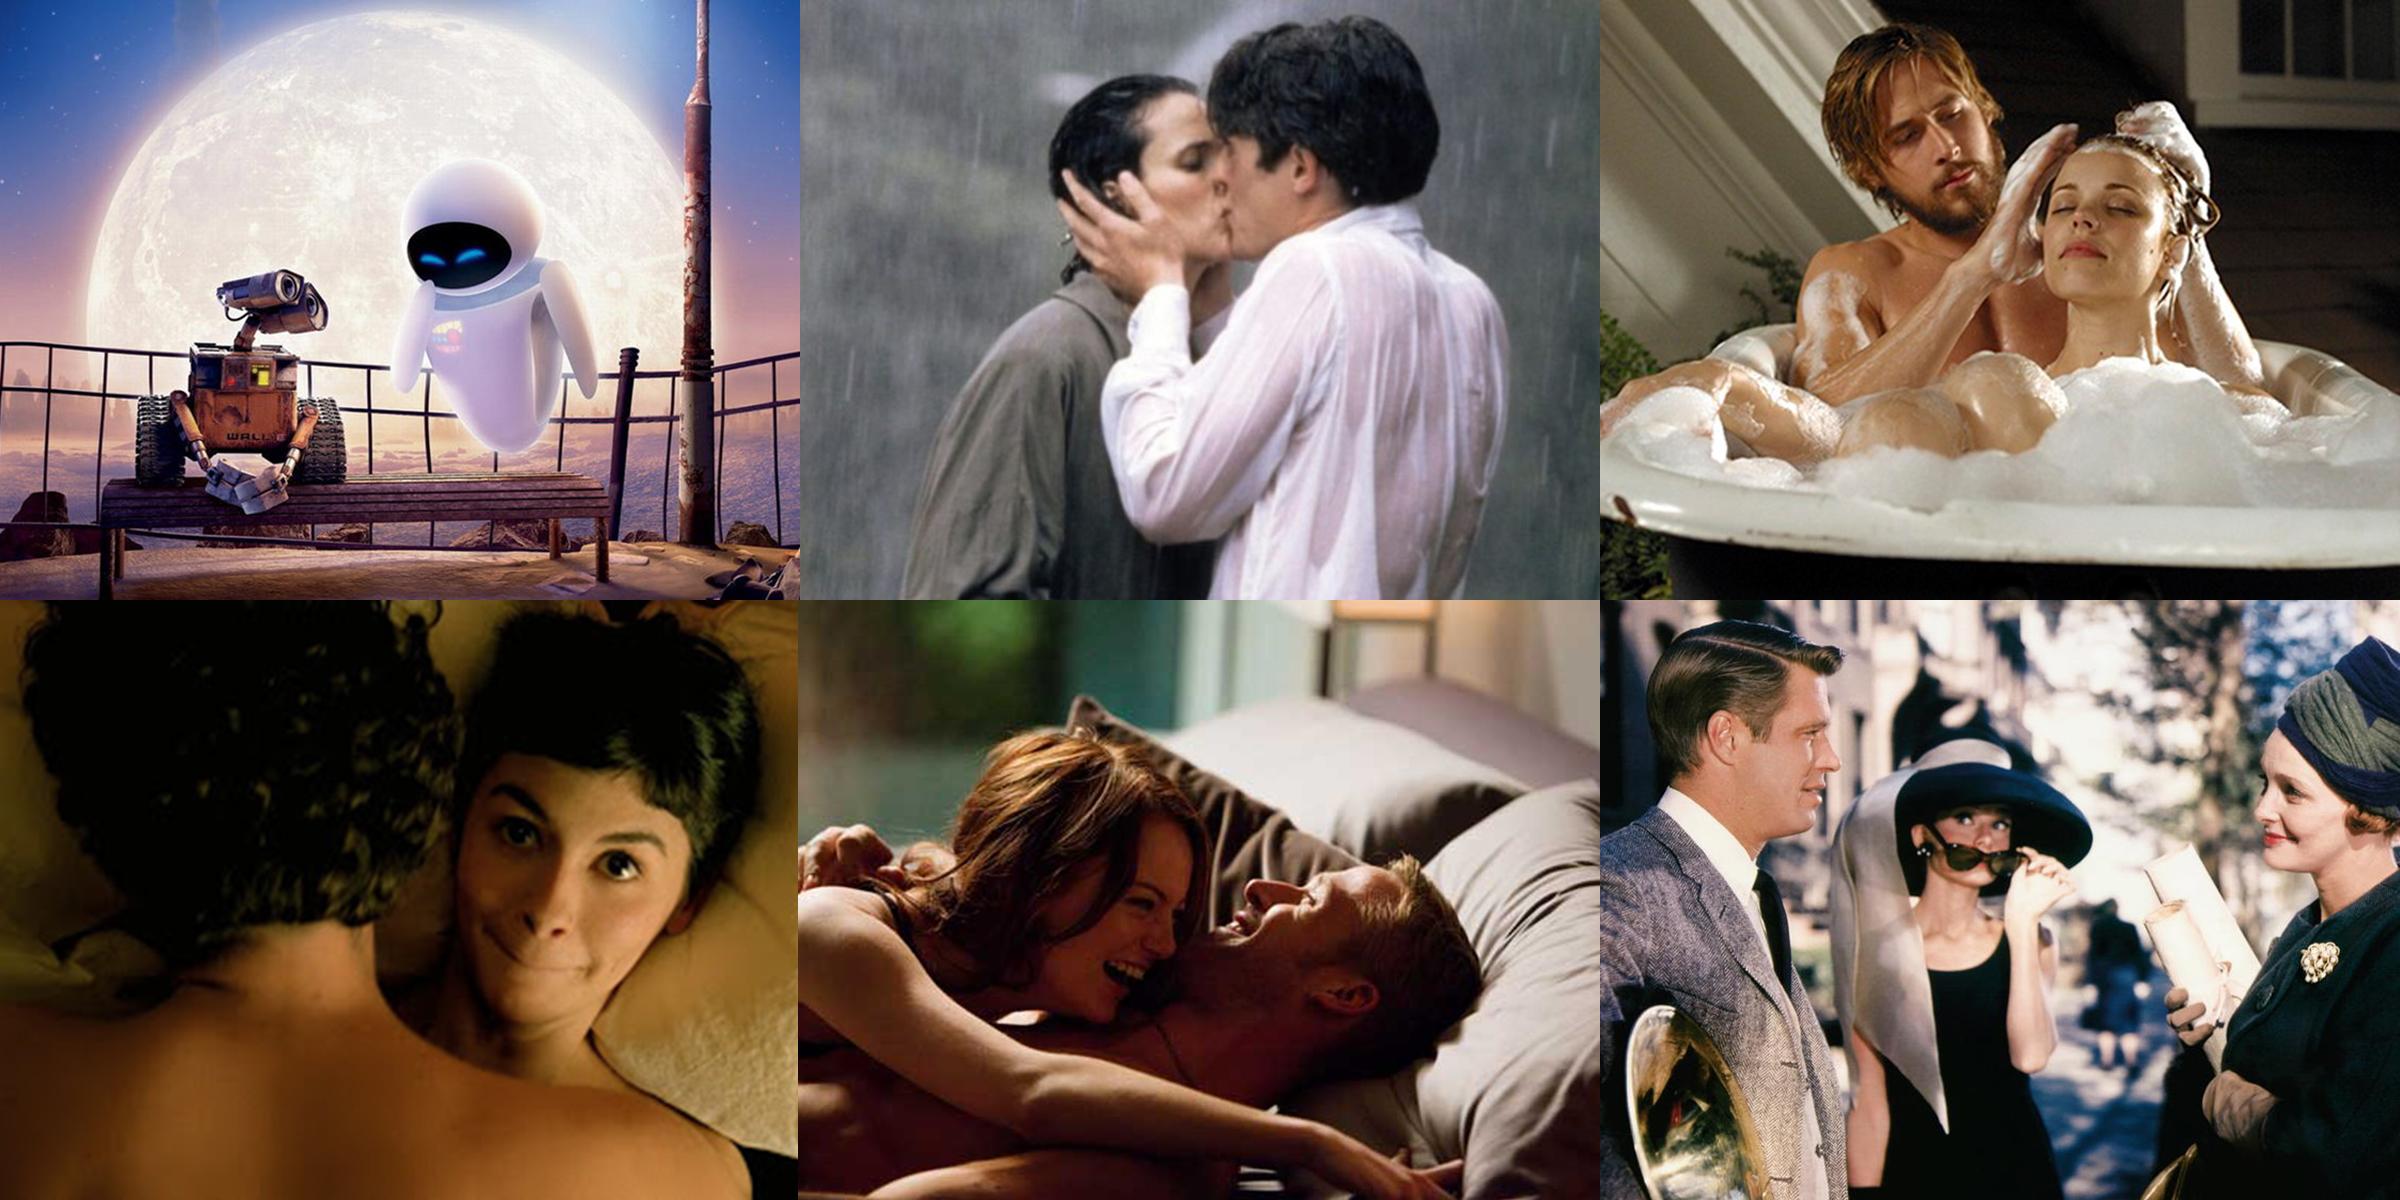 film sesso e amore appuntamenti per adulti